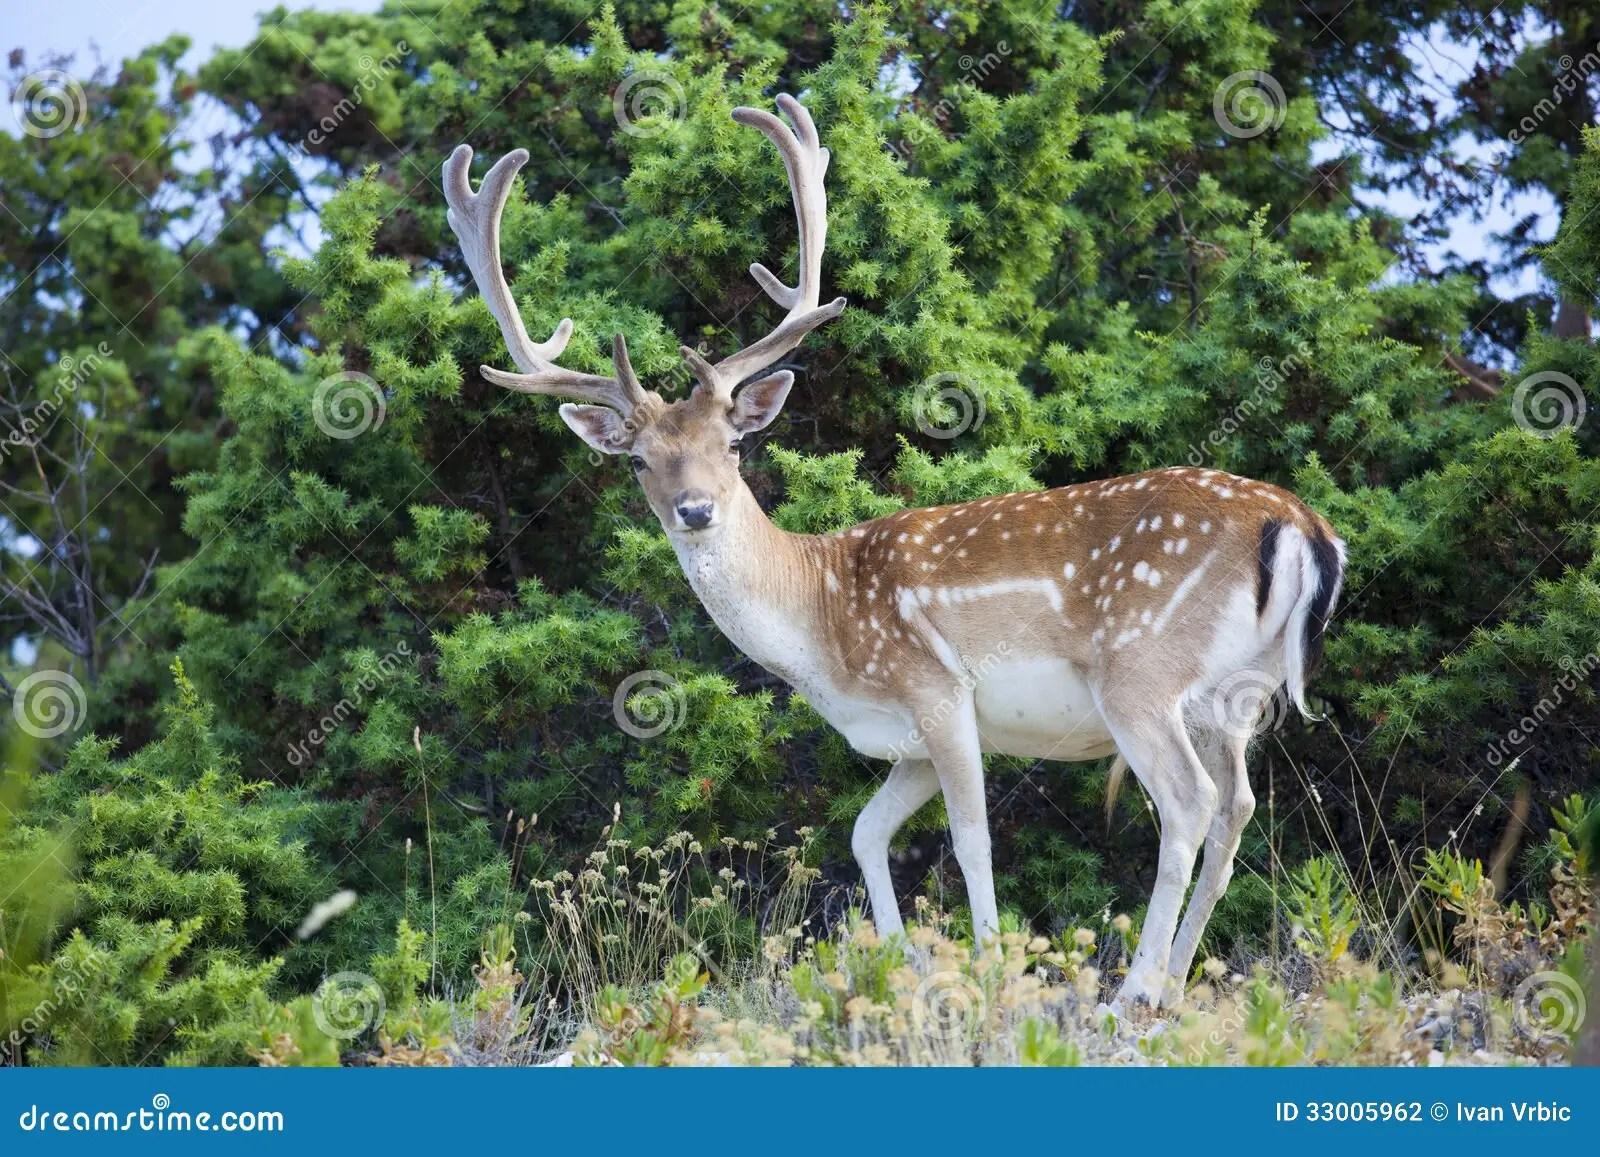 Posing Fallow Deer In Natural Habitat Stock Photo